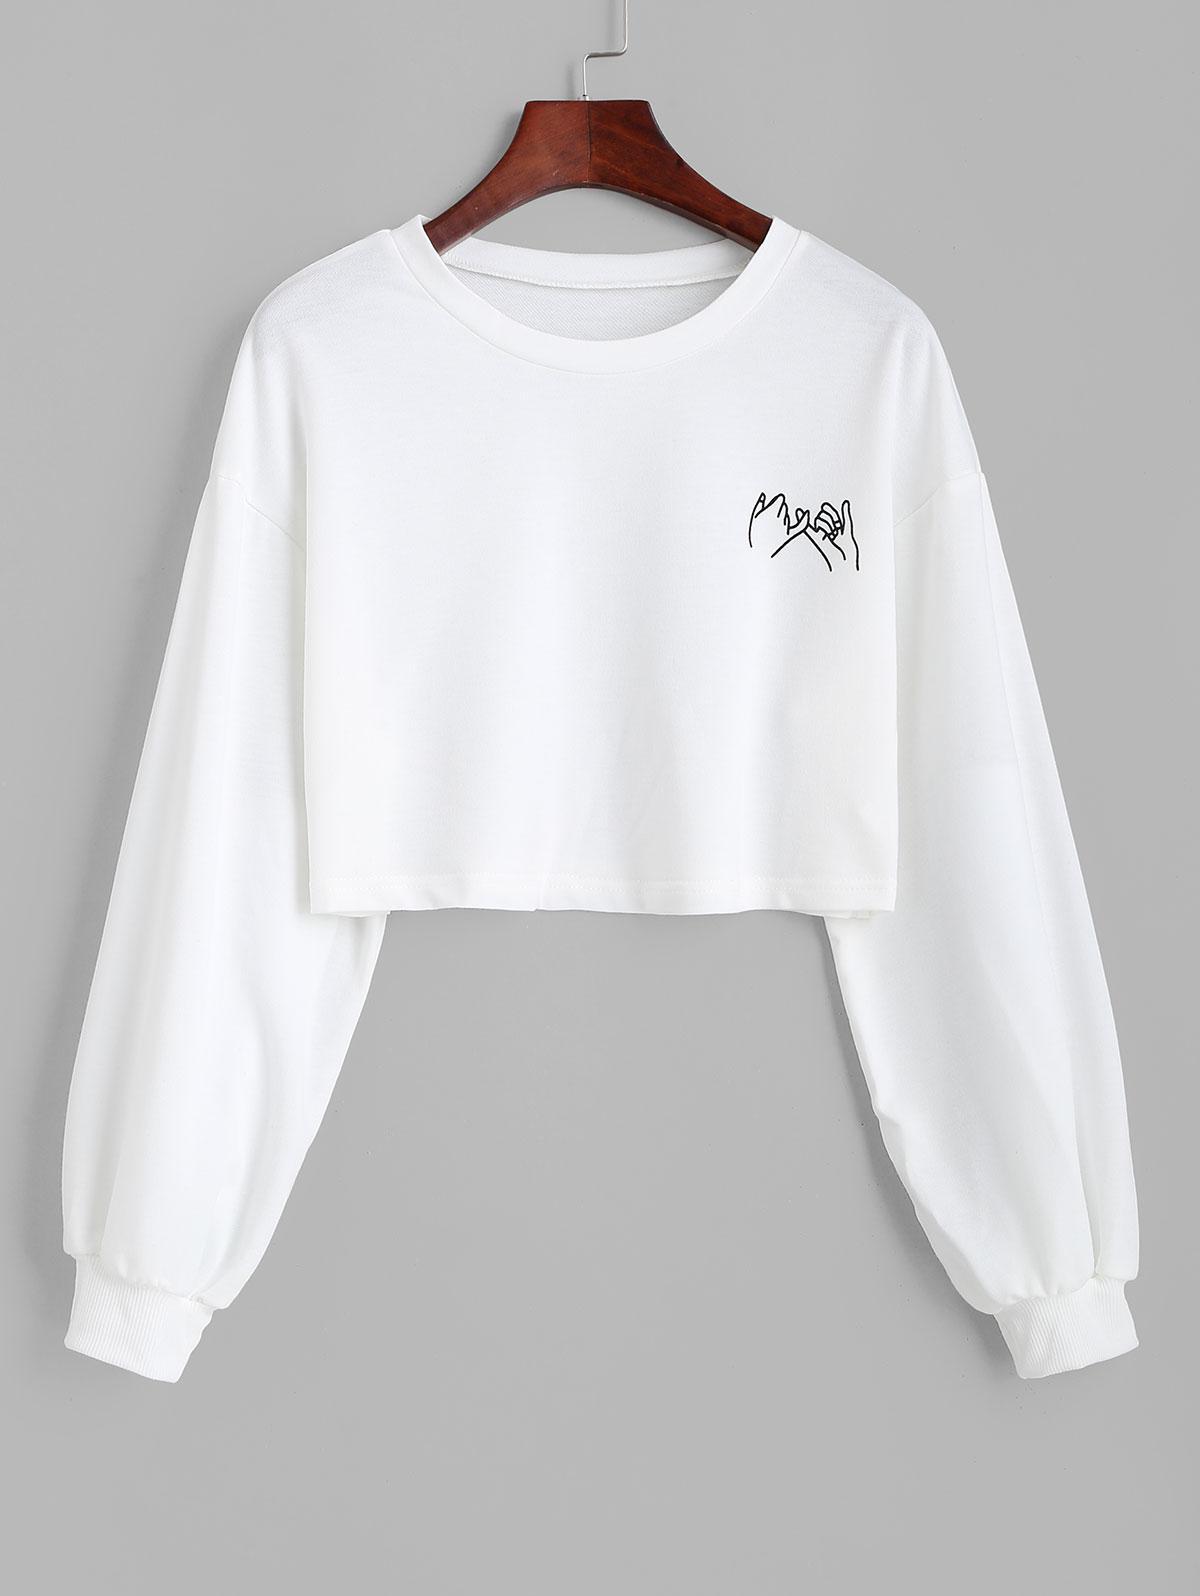 Cropped Gesture Graphic Sweatshirt